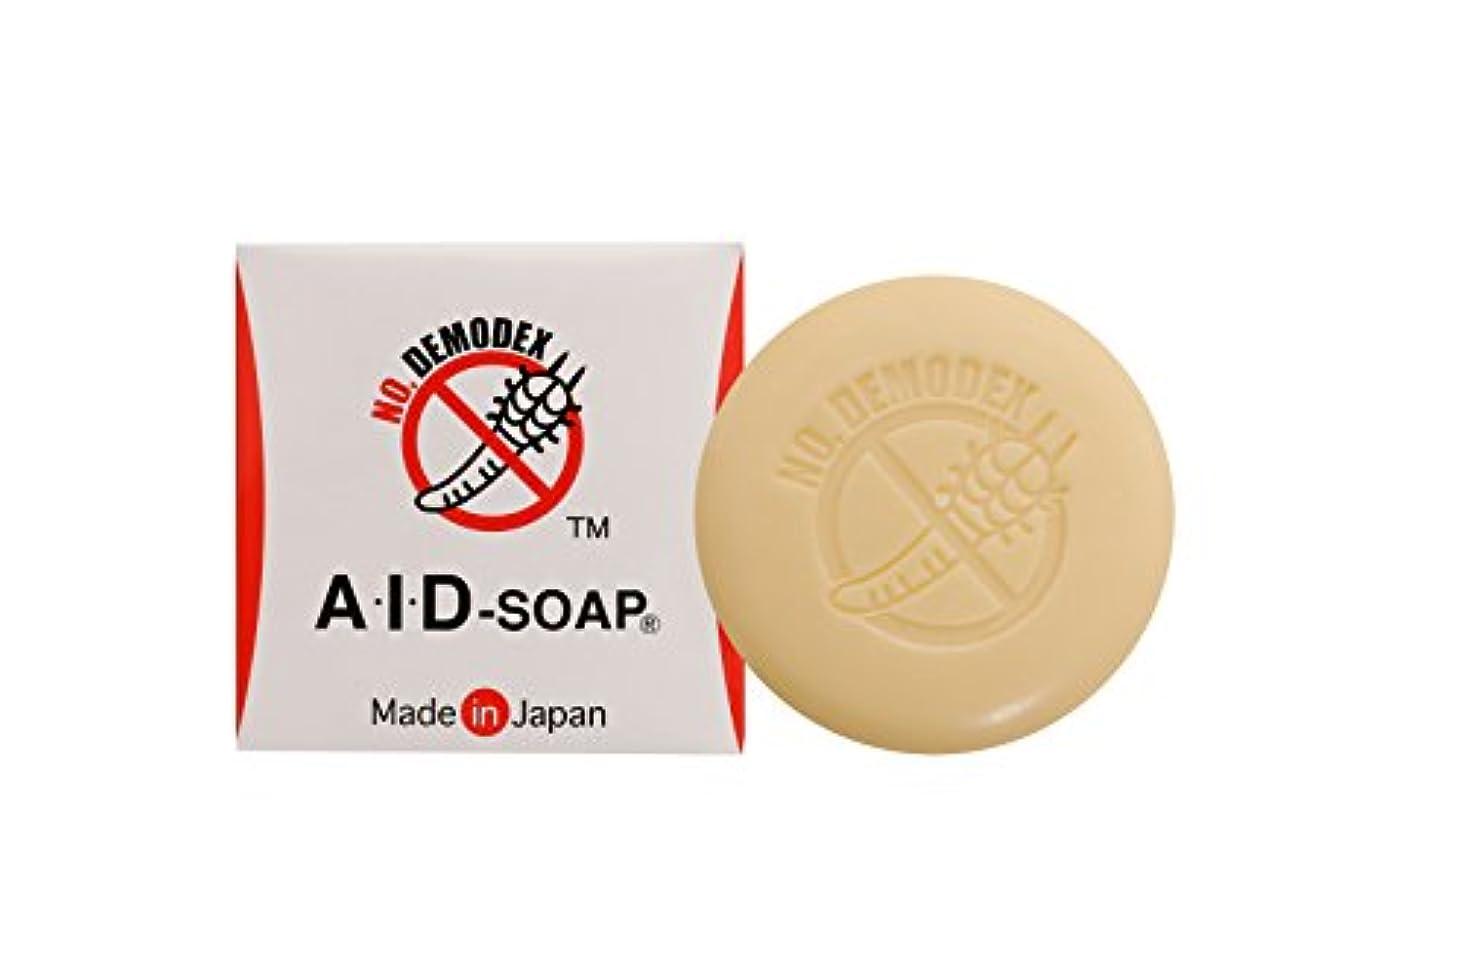 補助ナインへ生むAIDソープ 顔ダニ対策 100g[顔にも使える全身用石鹸][かゆみ?赤み?ニキビ?吹き出物]